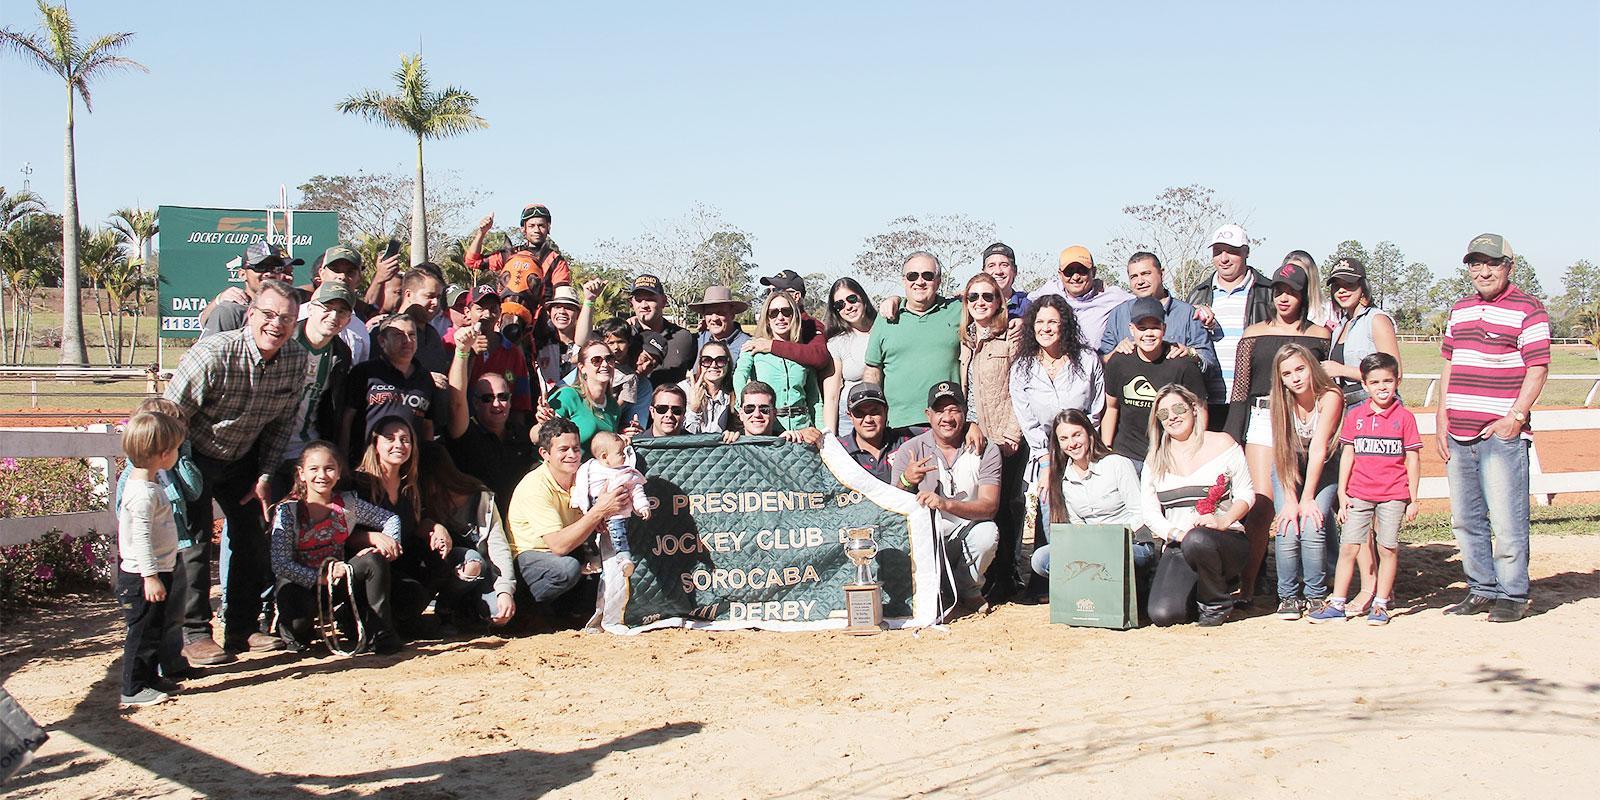 GP PRES. DO JOCKEY CLUB DE SOROCABA - III DERBY